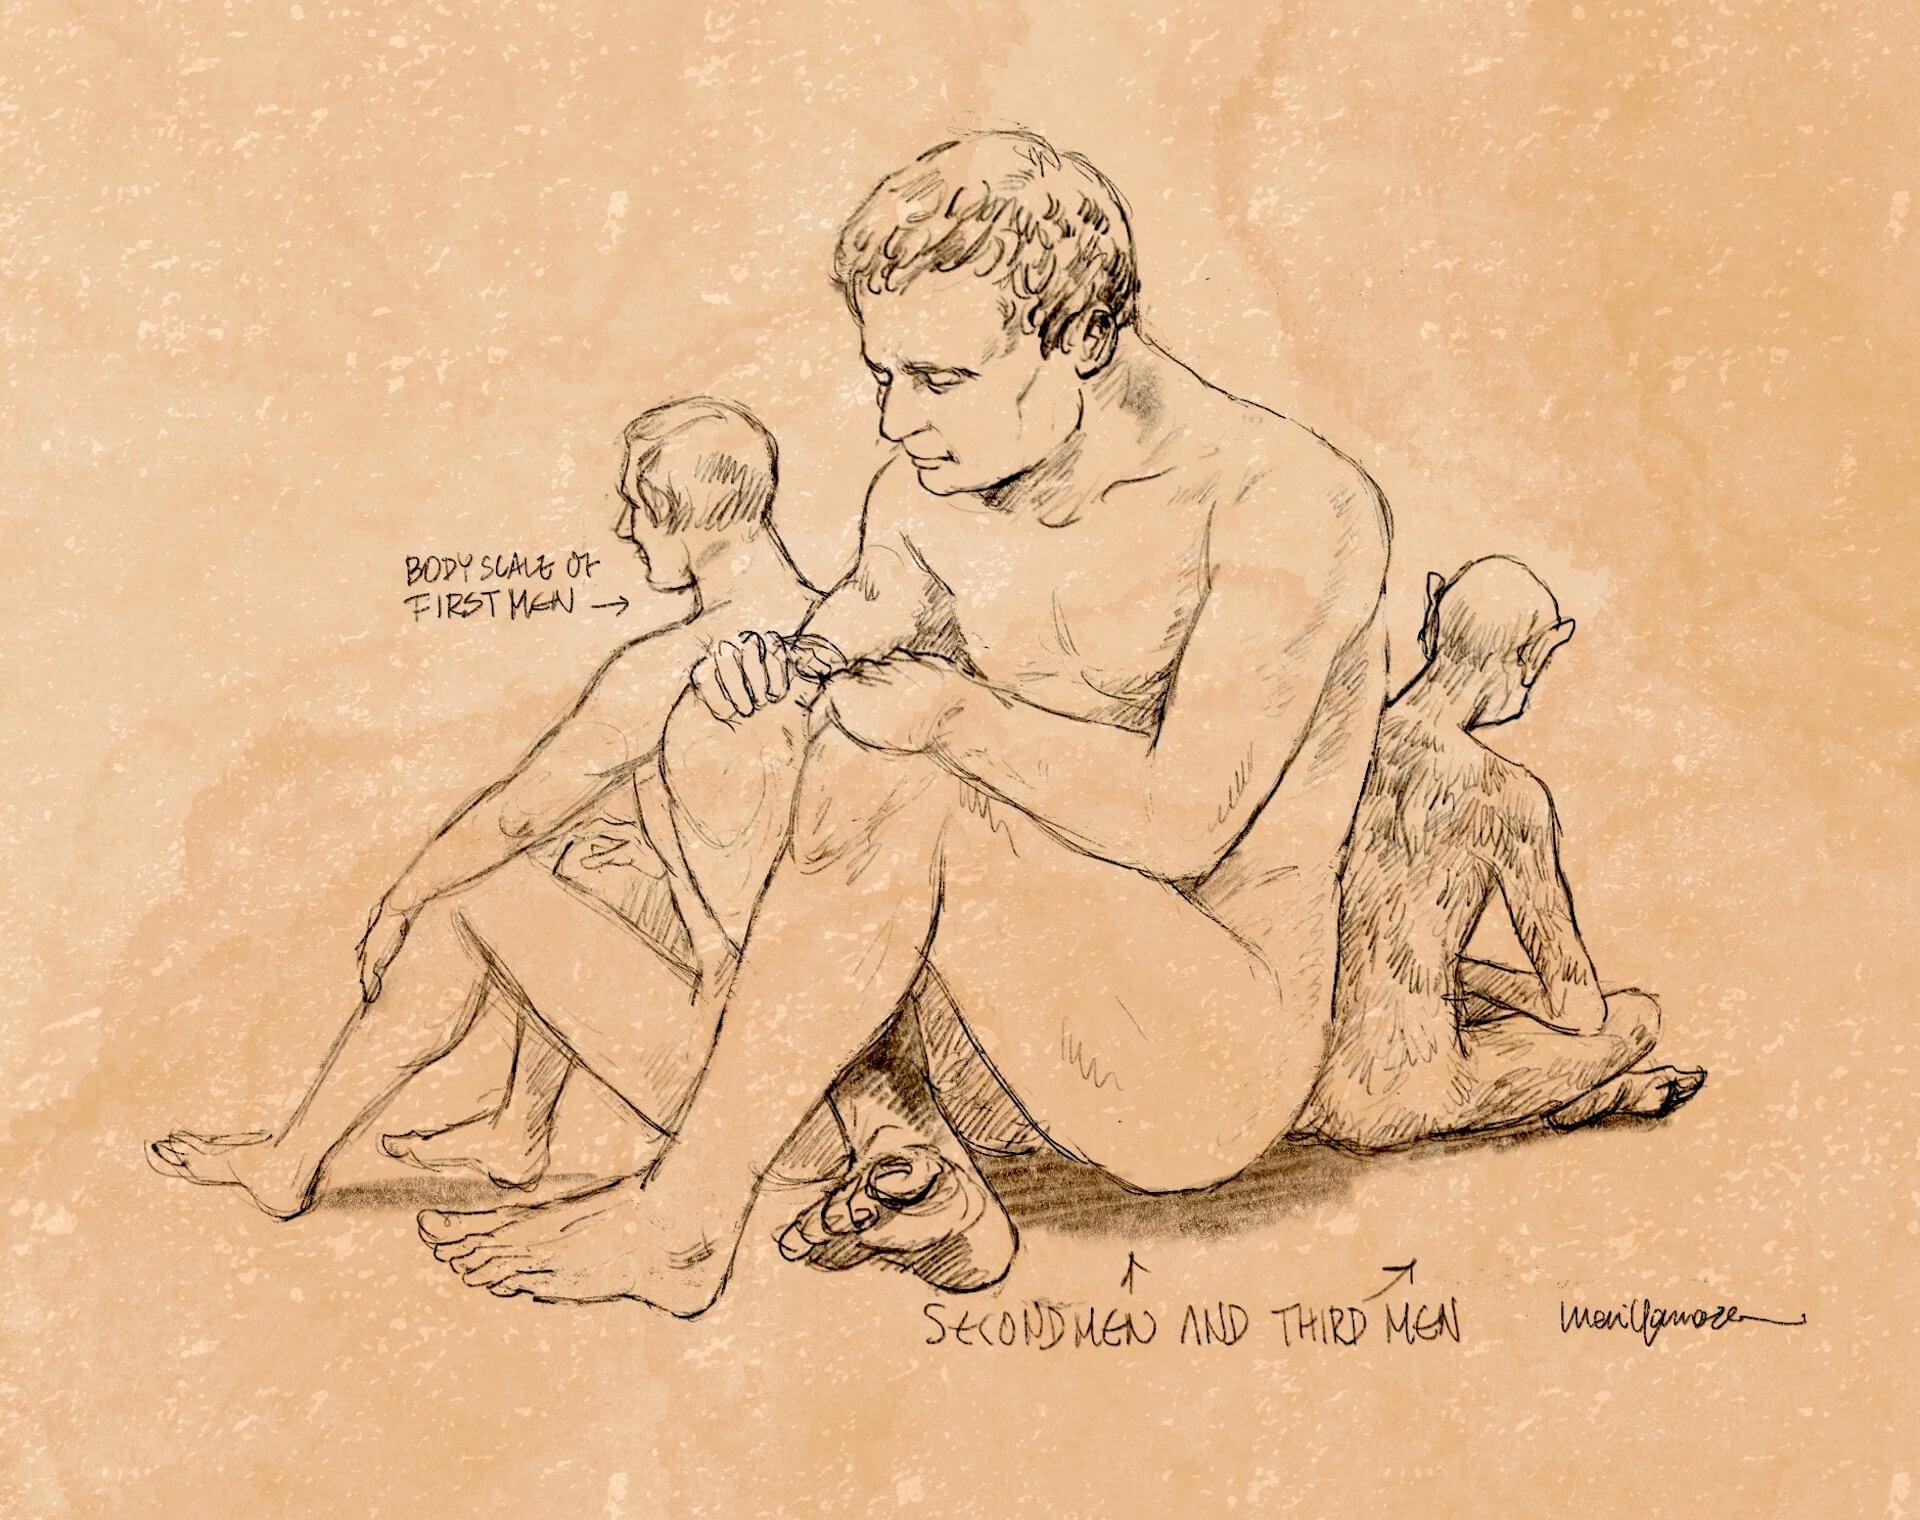 ヨハン・ヨハンソンの遺作『最後にして最初の人類』の原作小説序文が期間限定で無料掲載決定! flim210713_lastandfirstmen_10